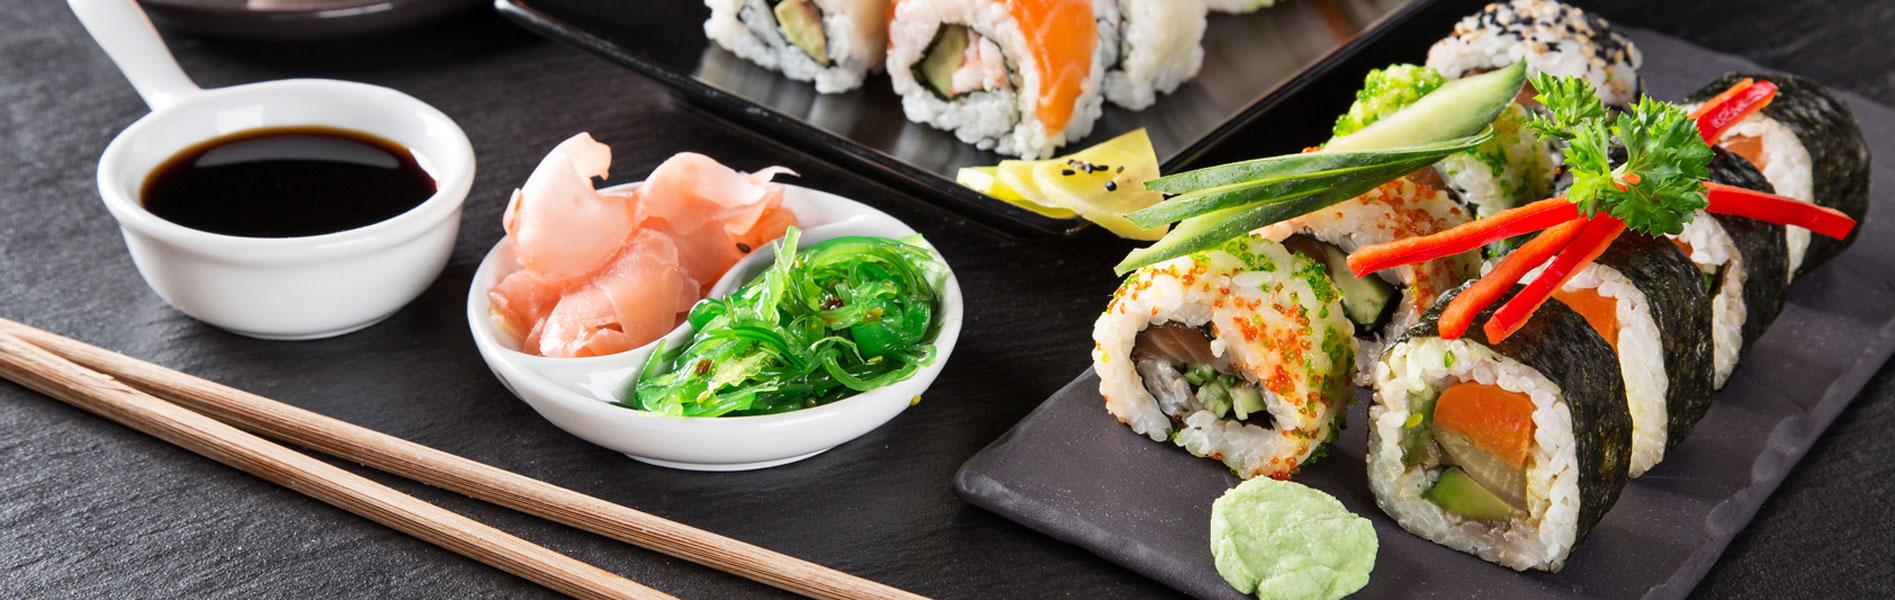 Asiatische Buffet München - Unikorn Catering & Events